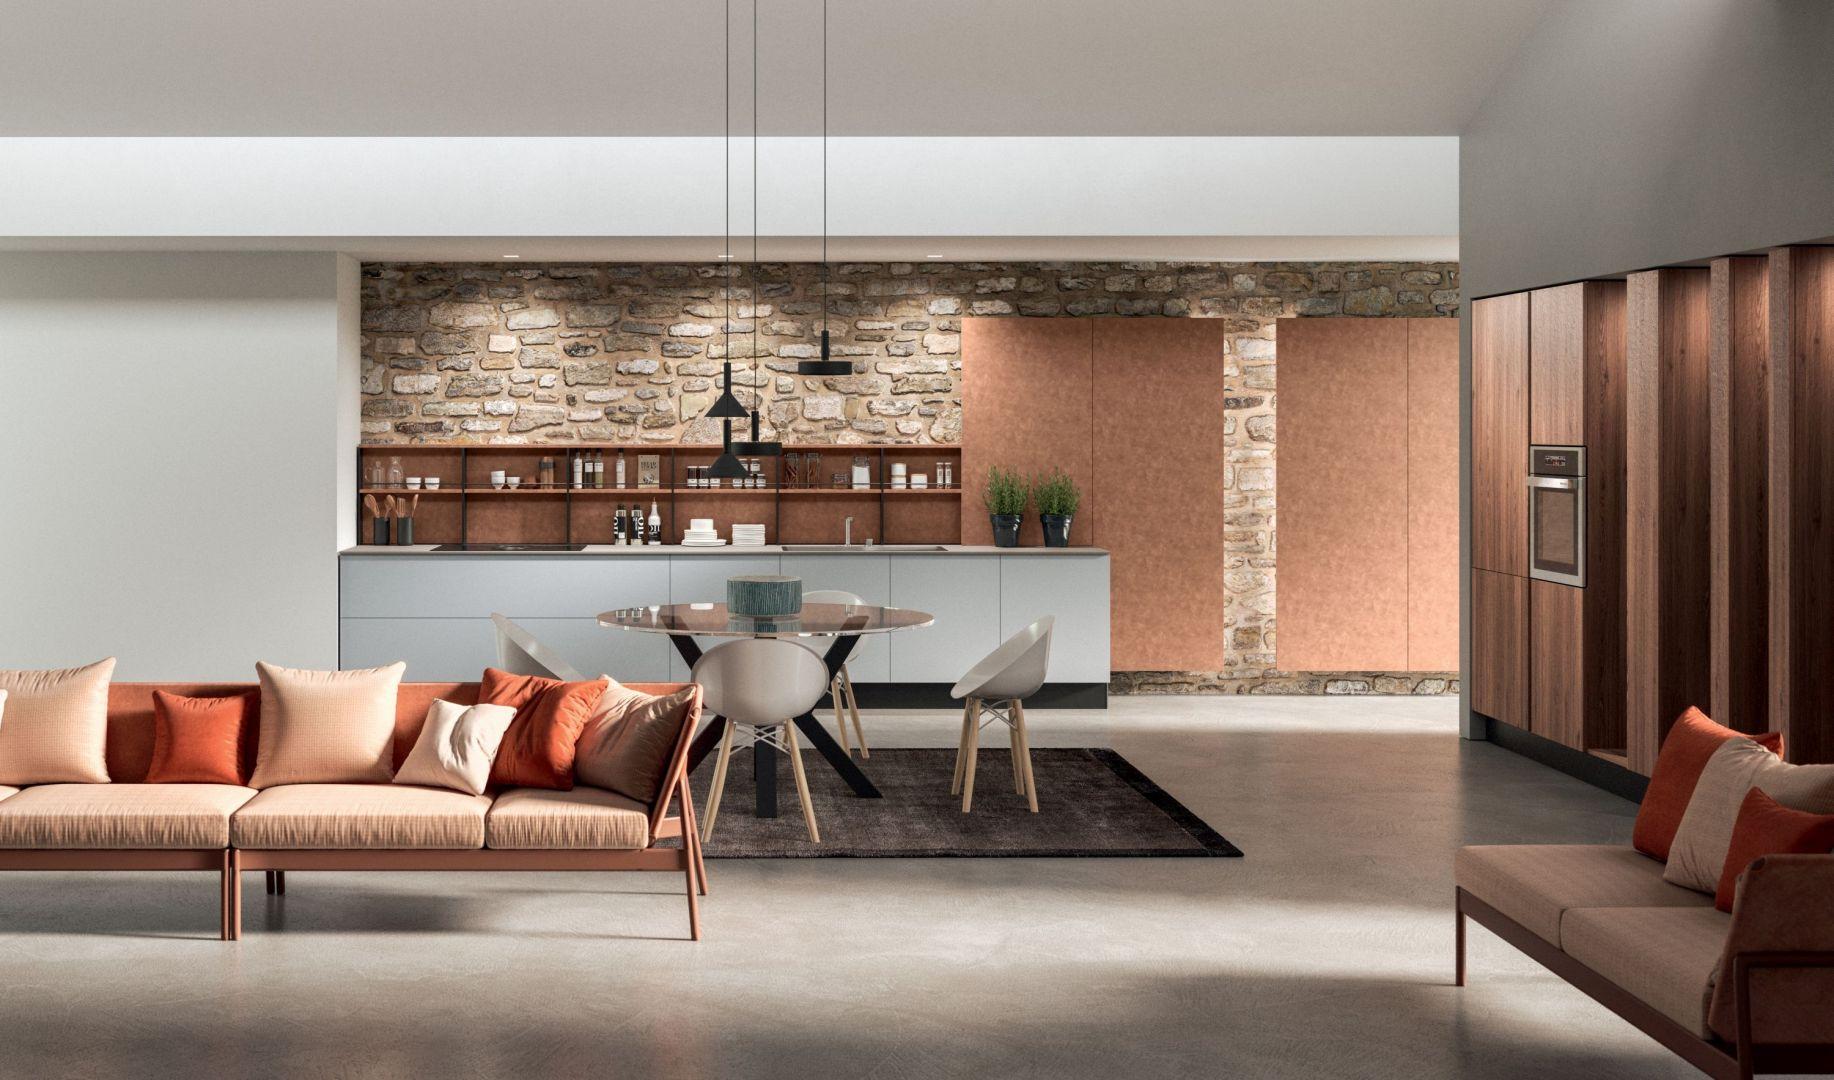 Na tle kuchni pięknie prezentuje się minimalistyczna w formie kolorowa sofa. Fot. ARAN Cucine Penelope